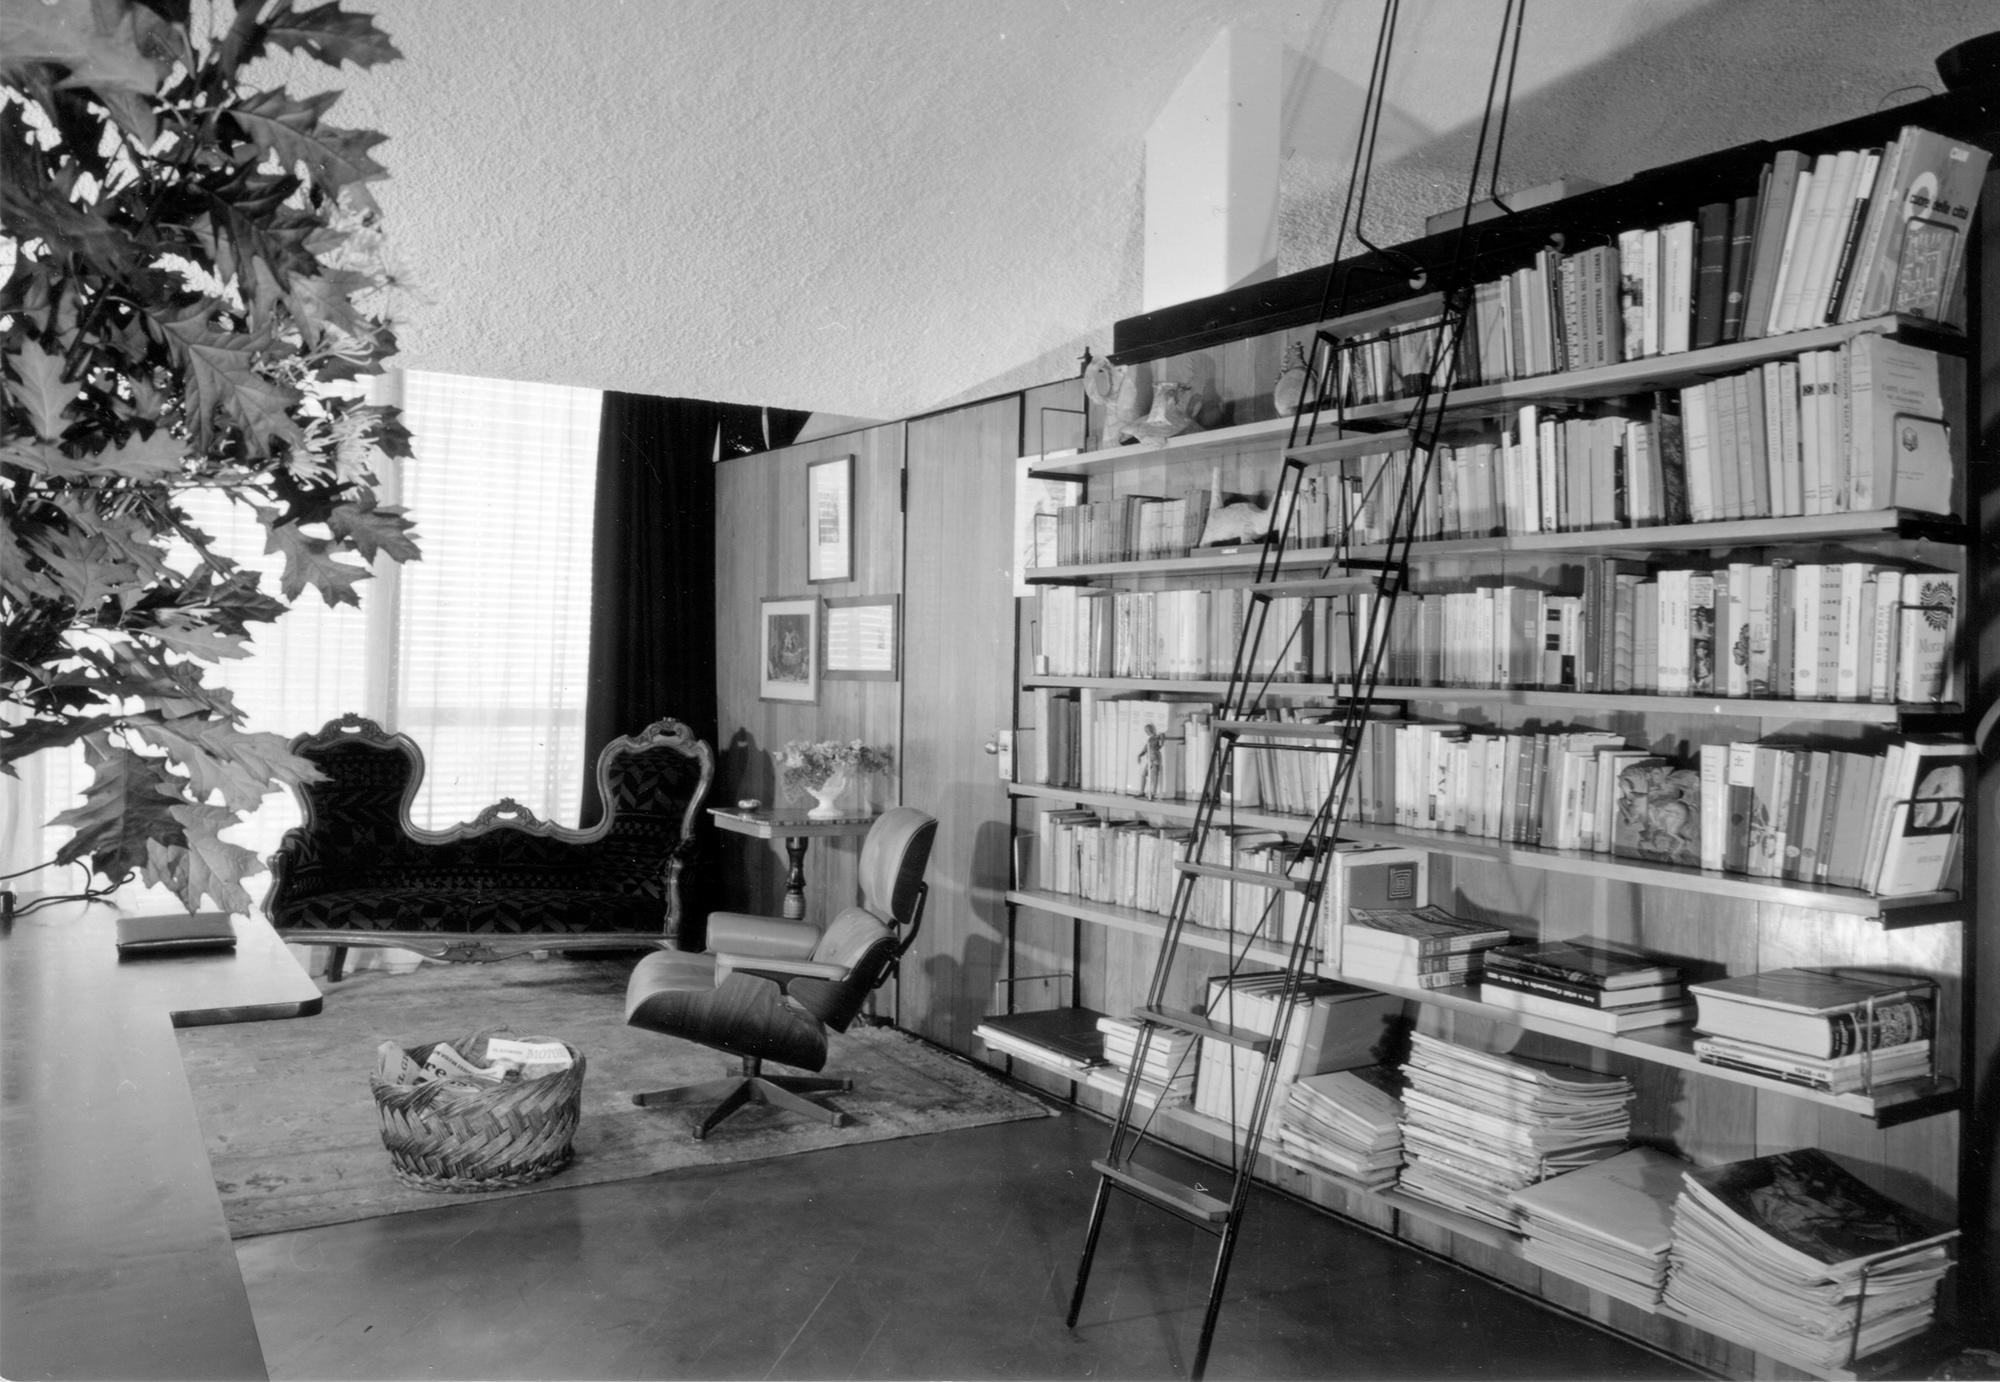 Architetture d interni bbarch for Interni architettura